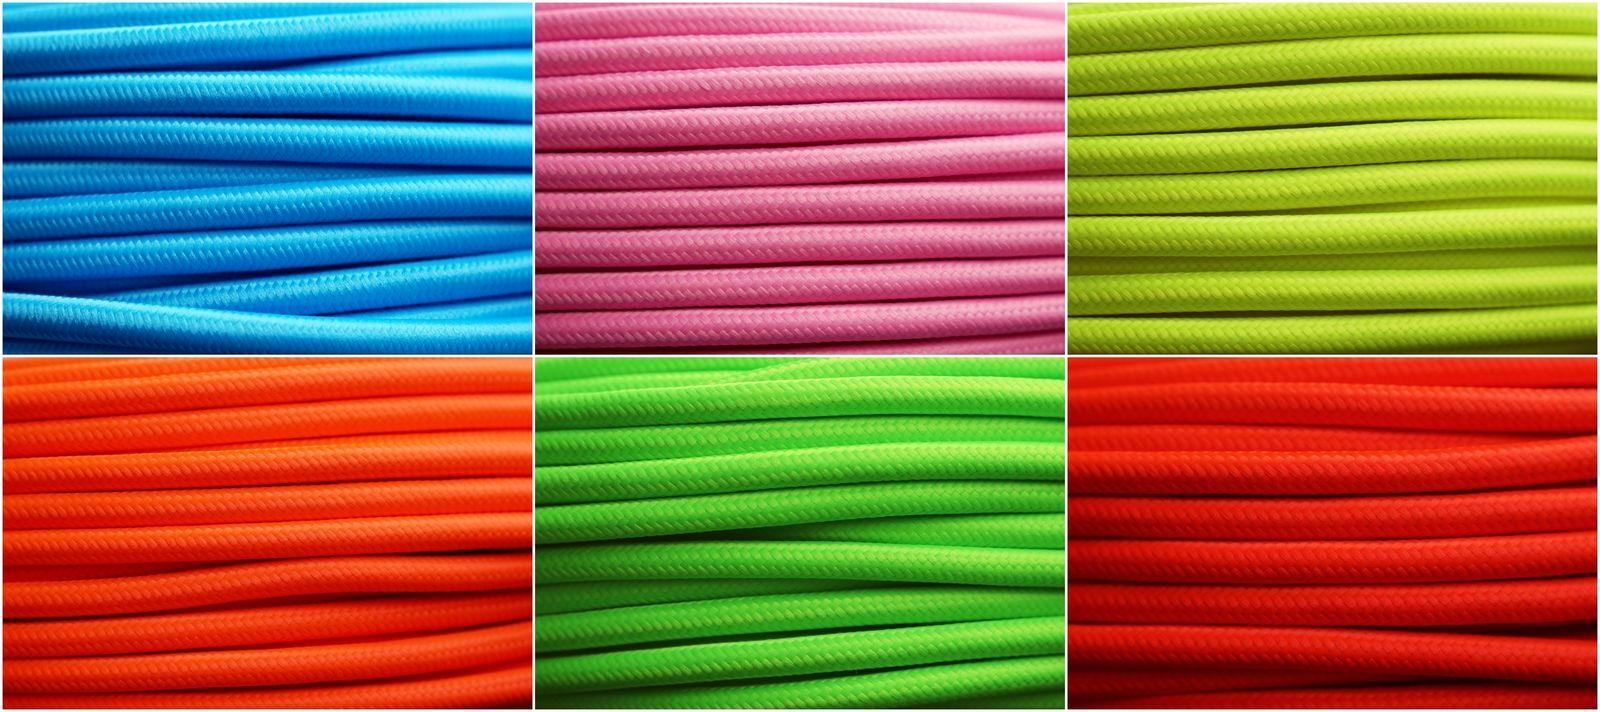 Stromleiter Farbe Cheap Backofen Anschlieen With Stromleiter Farbe